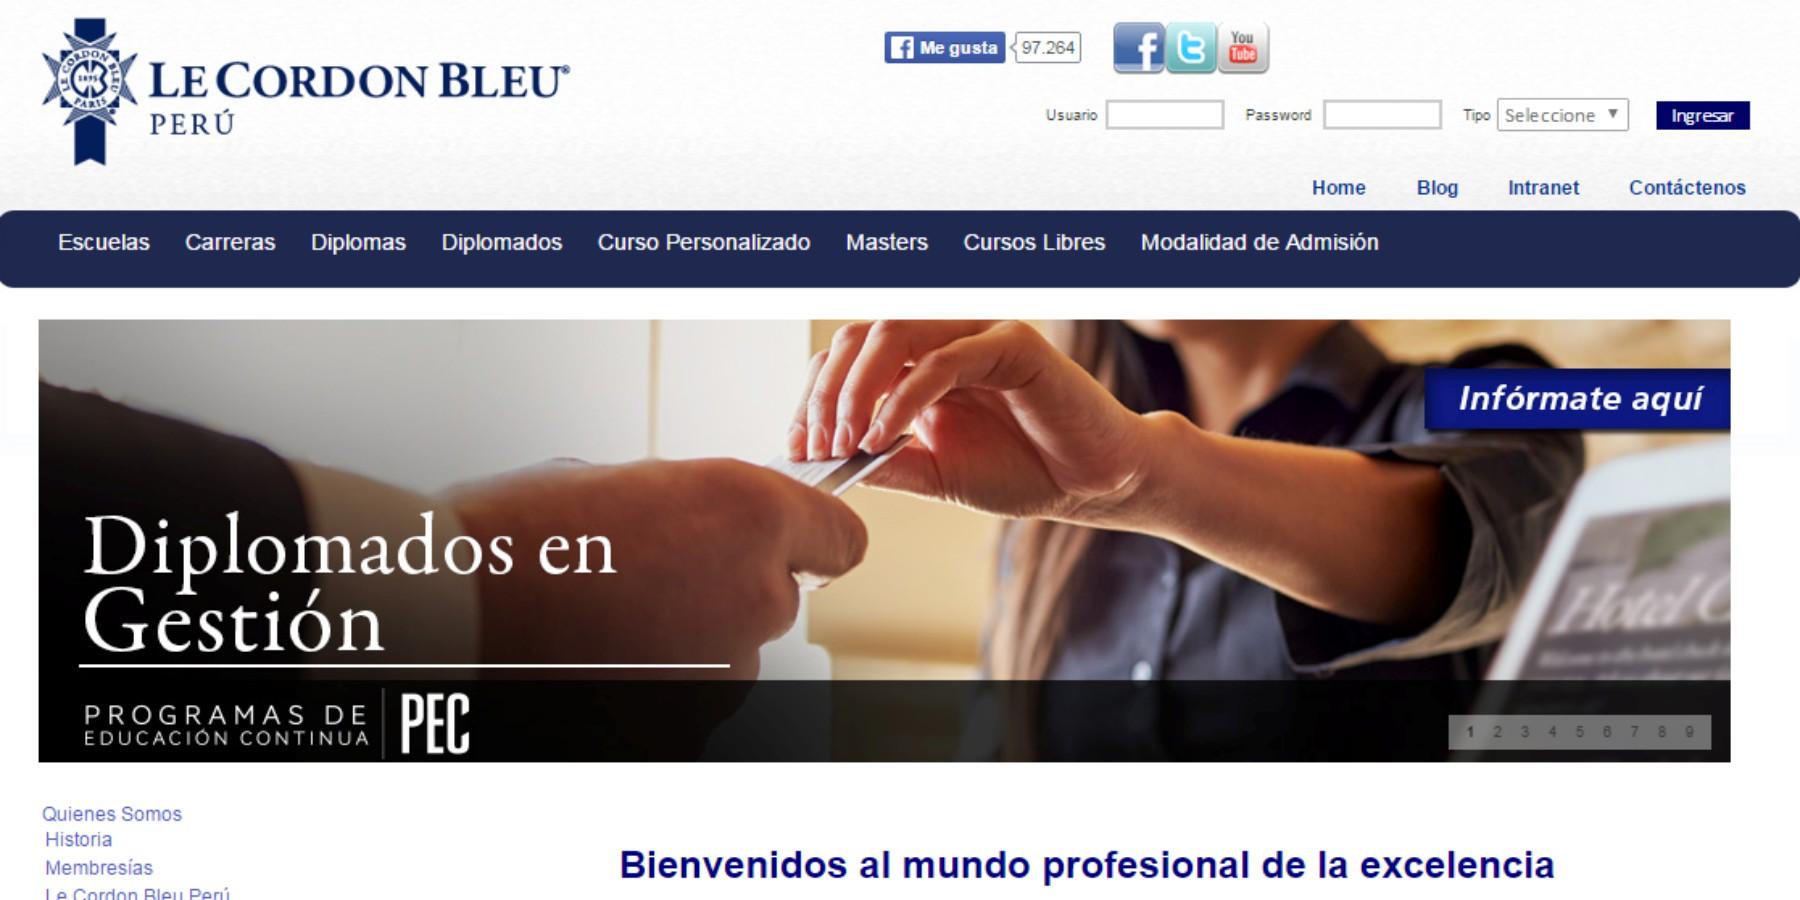 Le Cordon Bleu Perú recicla aceite vegetal usado